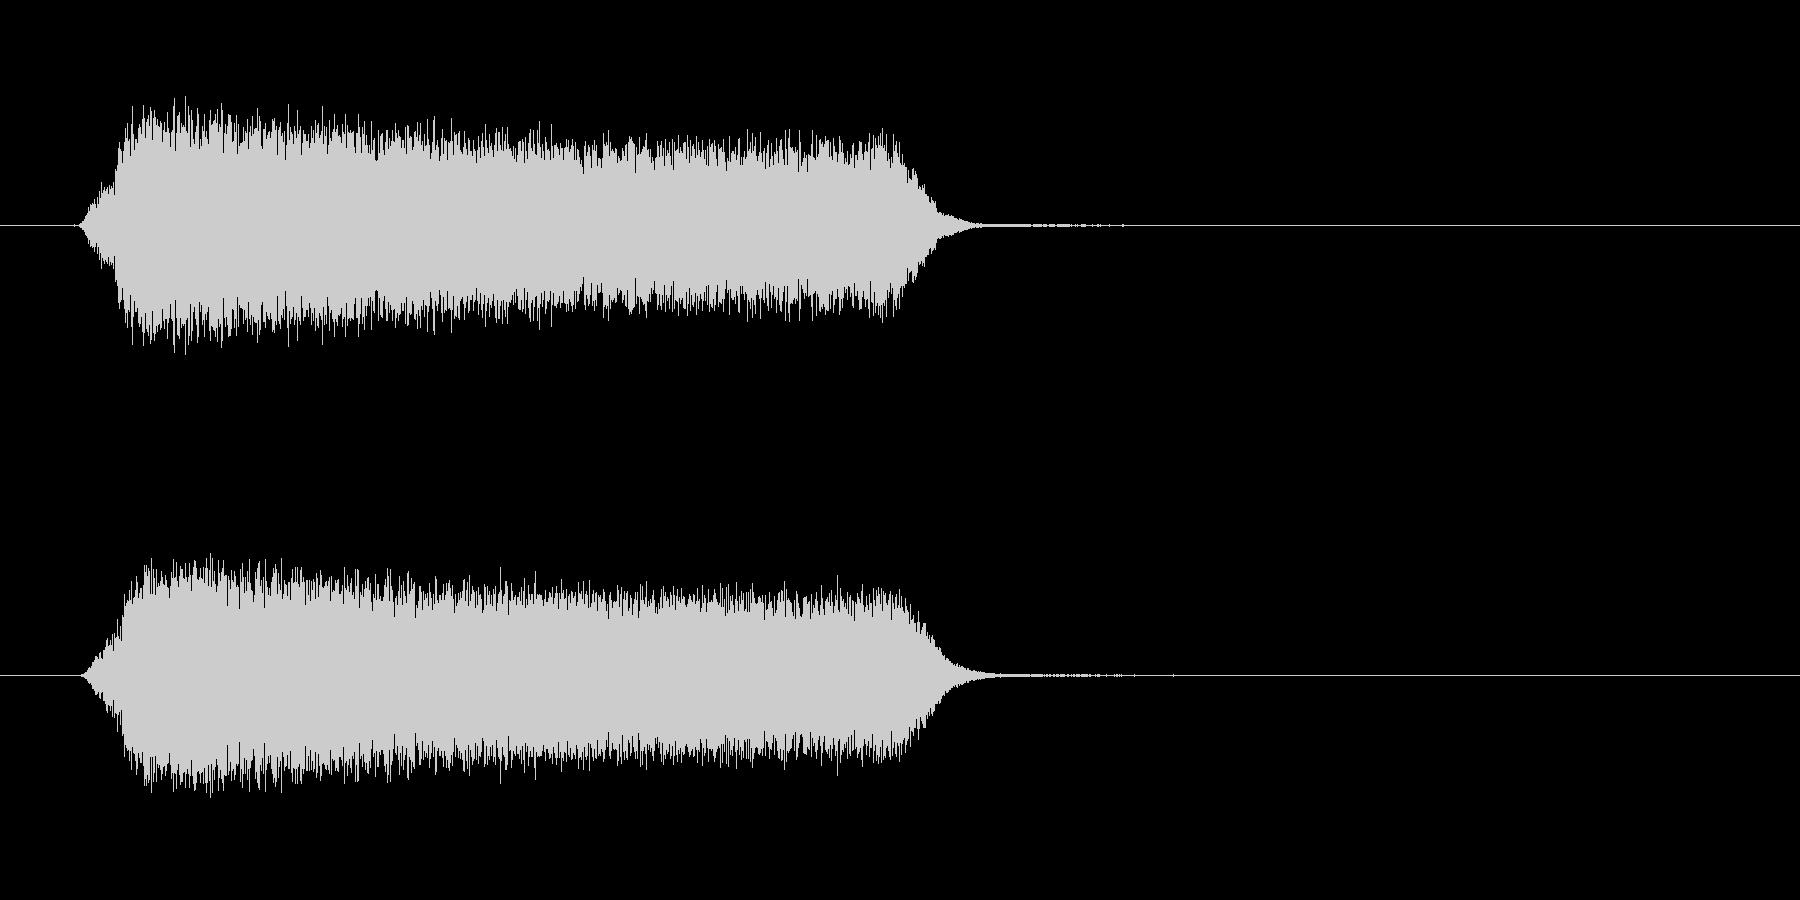 シュゥィィン 移動 光線 魔法 ロゴの未再生の波形